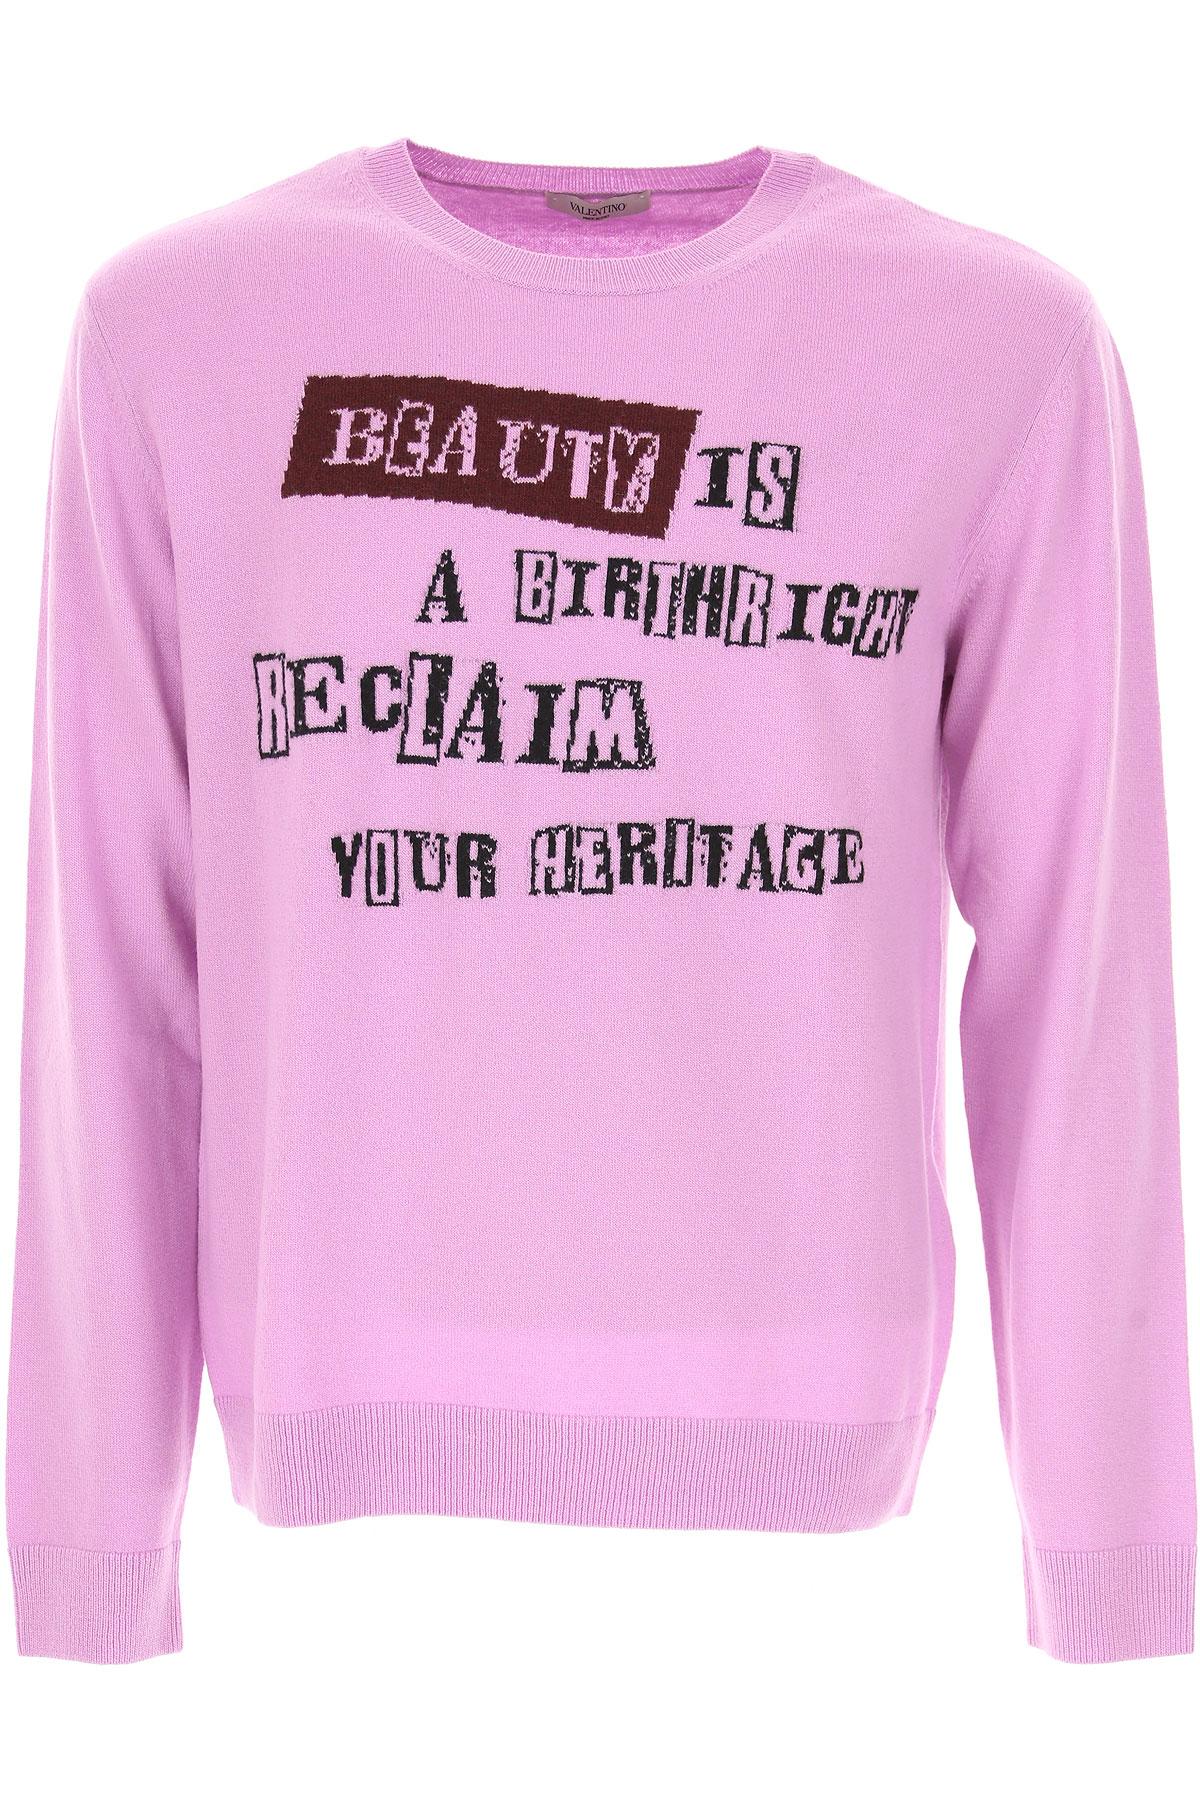 バレンチノ セーター男性用 メンズ アウトレットセール, ライラック, ウール, 2017, L S XL